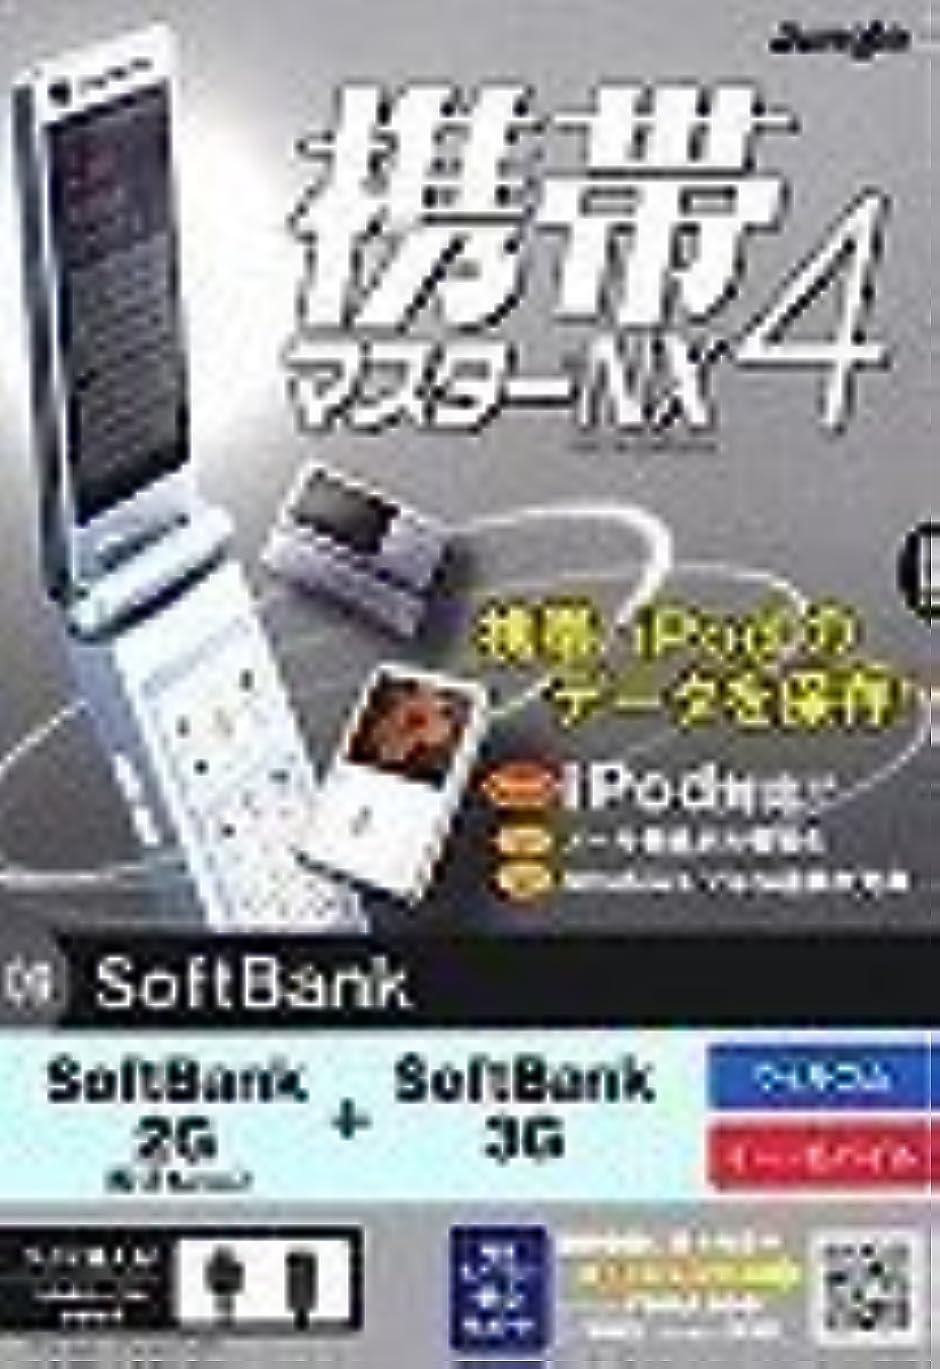 携帯マスターNX4 SoftBank 2G+3G版